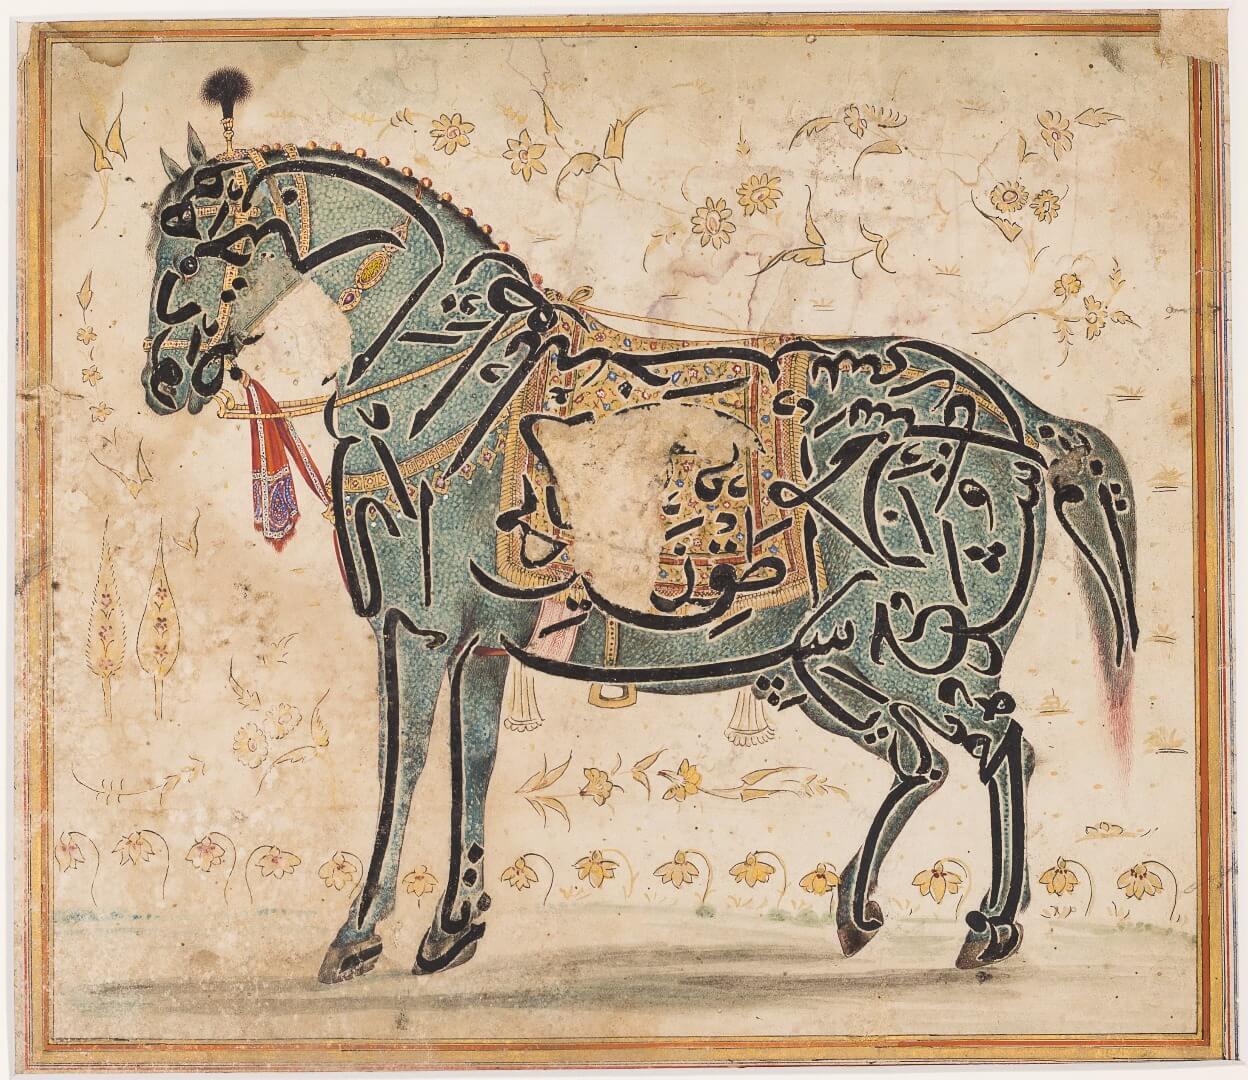 1 מדור 17_כתובת דמוית סוס_דקאן_הודו המאה ה-17_מוזיאון ישראל_ירושלים_2